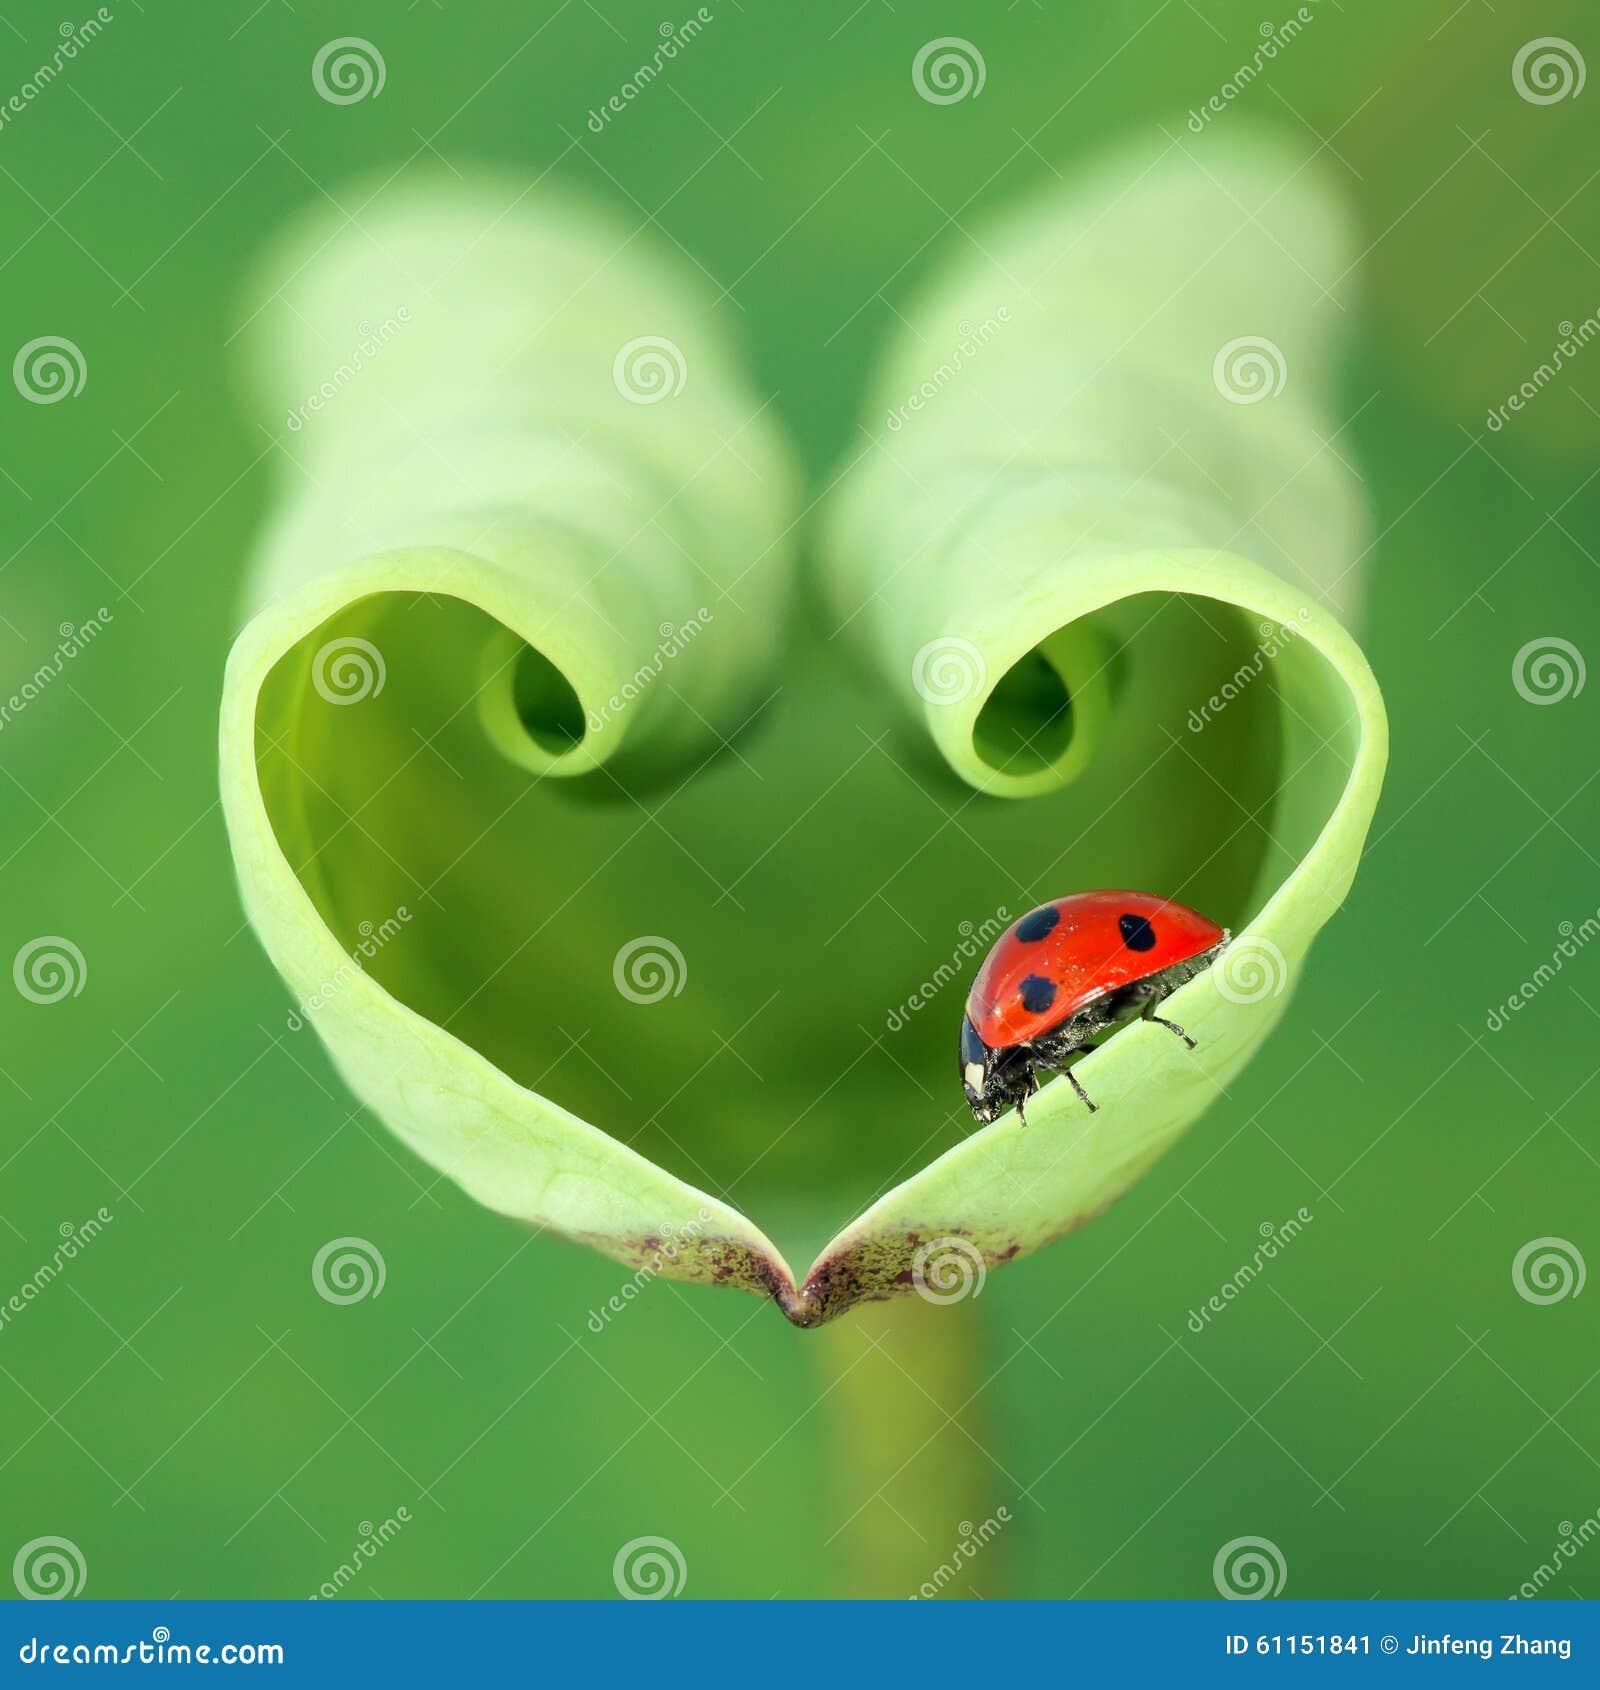 Lotus leaf and ladybug